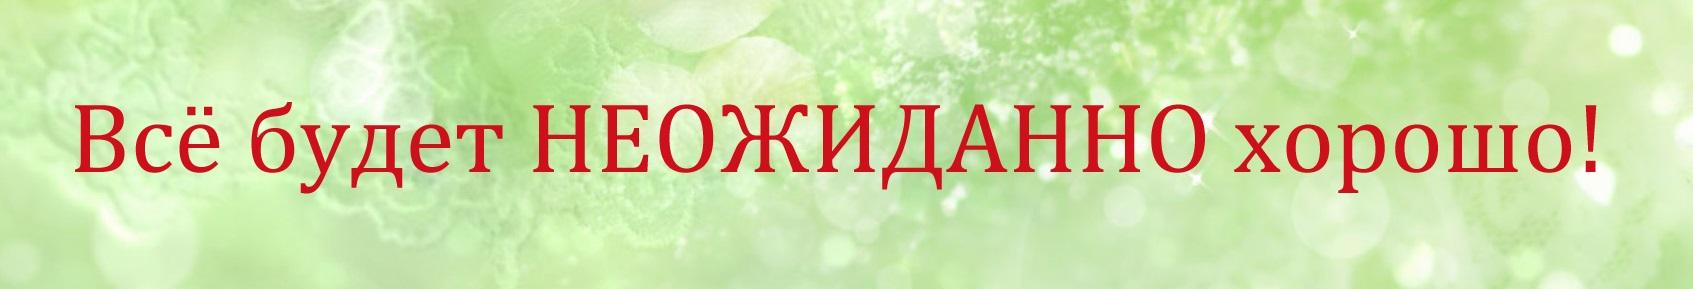 http://s2.uploads.ru/Jtc8l.jpg